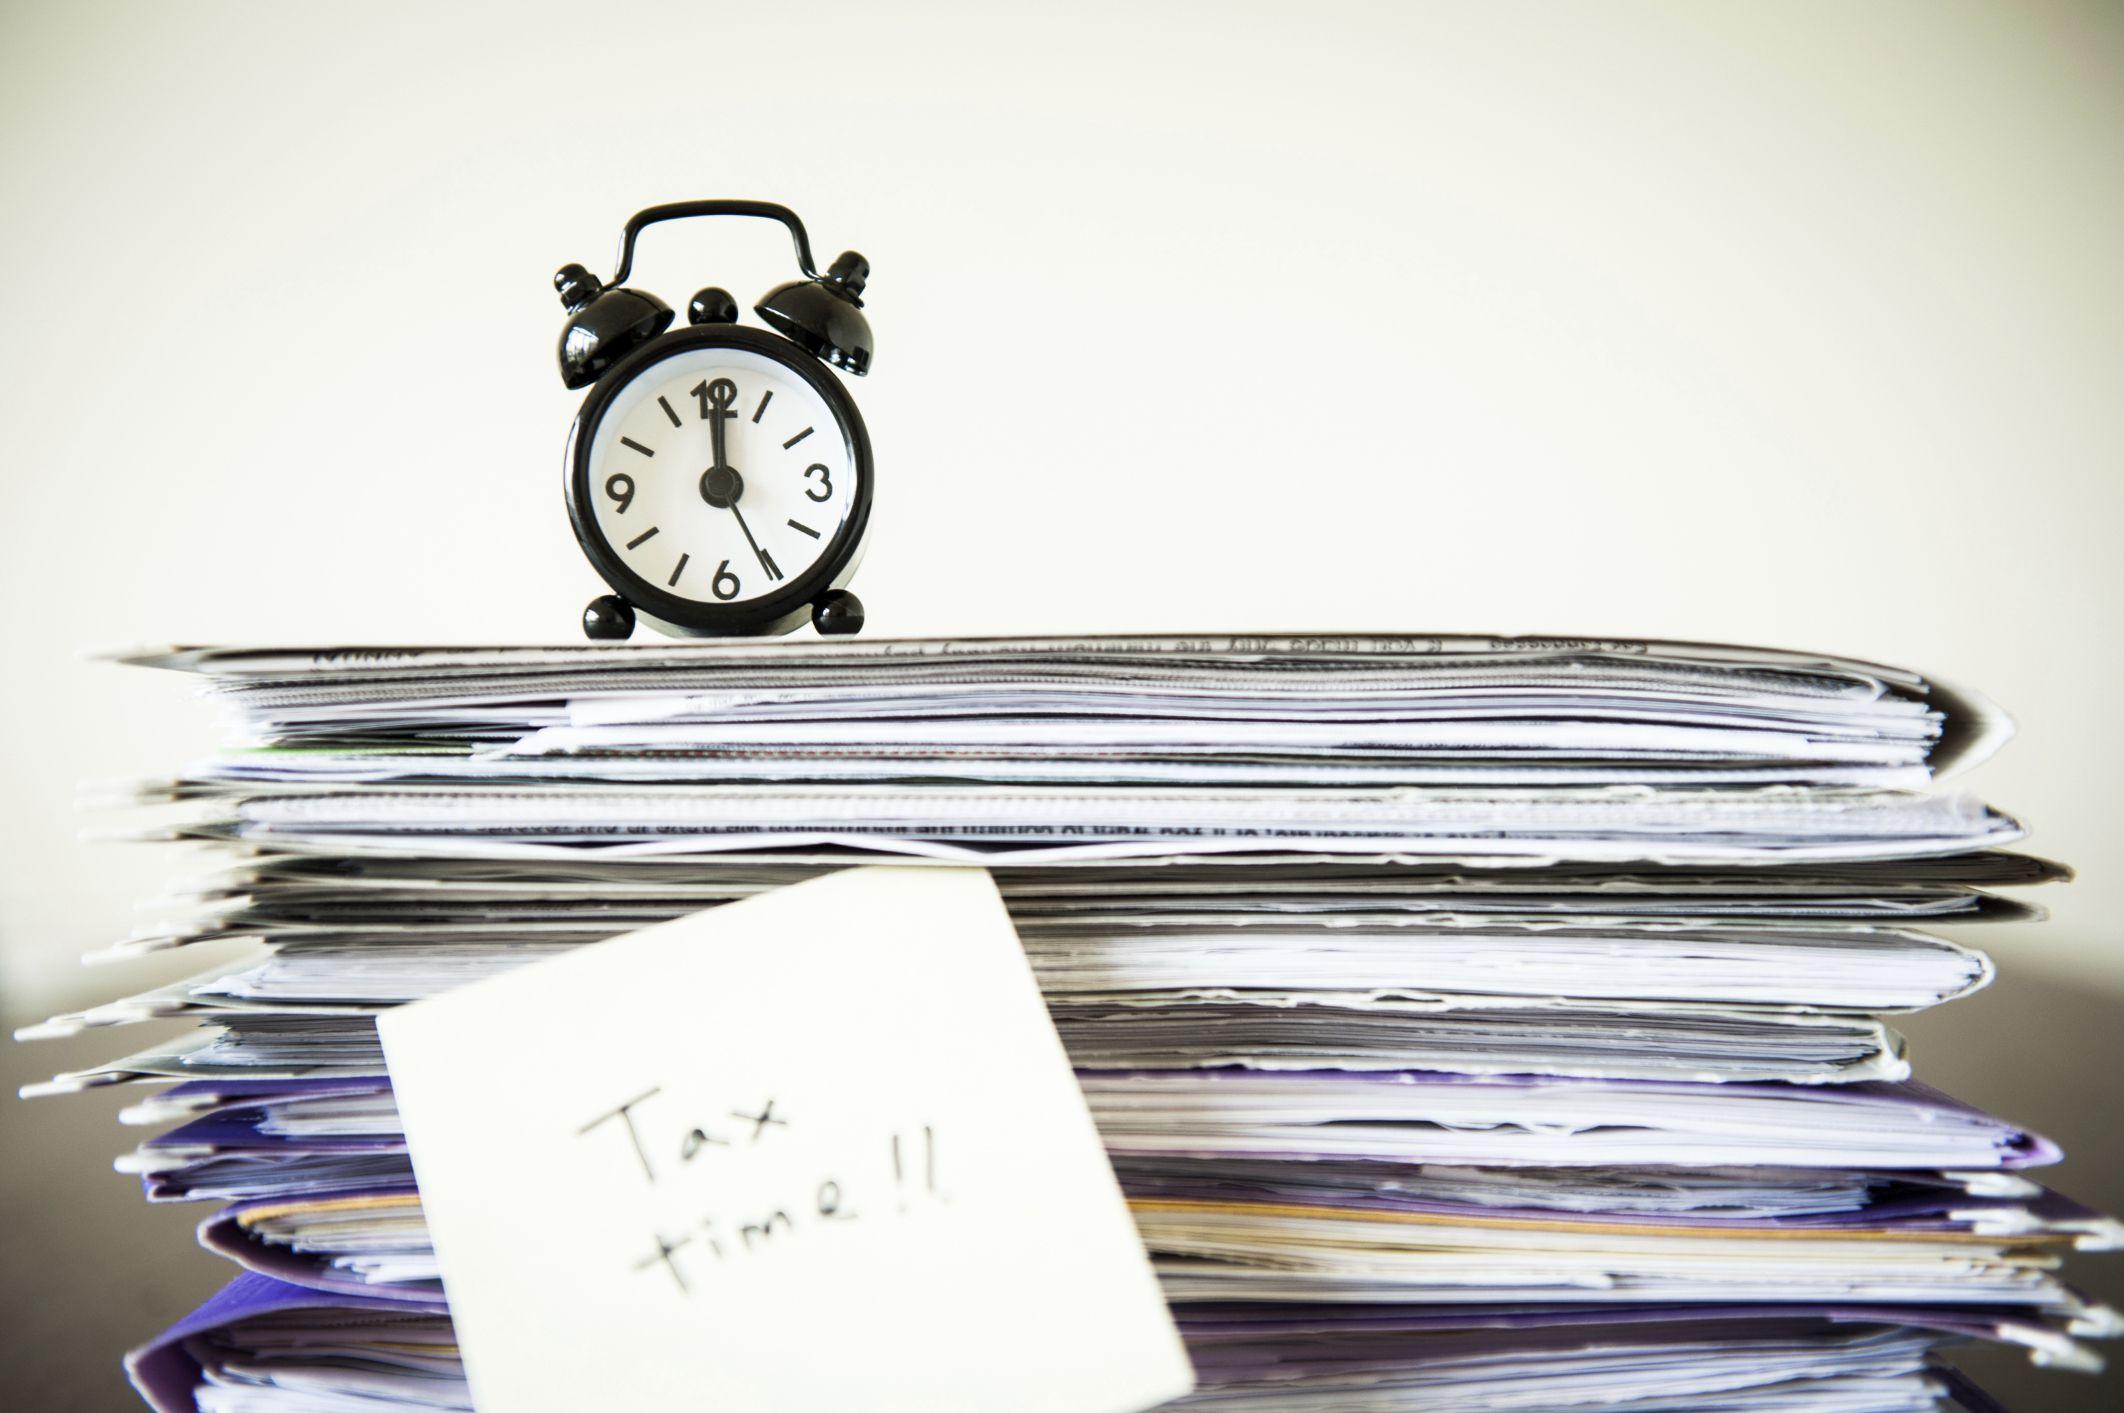 5 legi controversate, Impozite